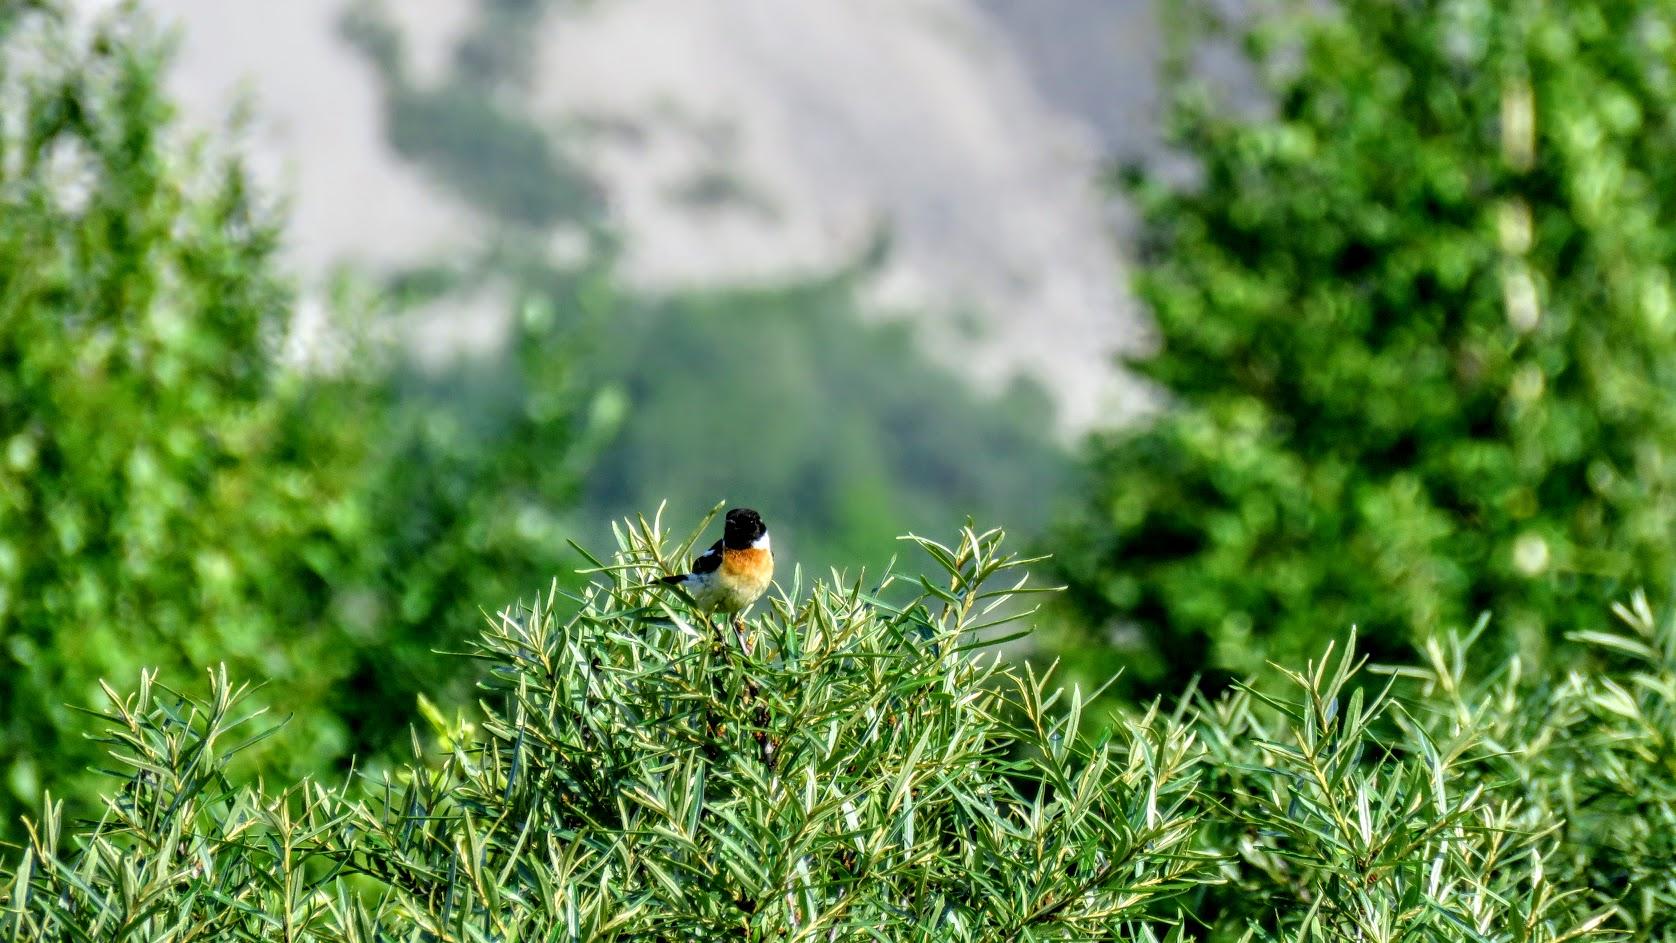 Цветики, птички, маслята и сосновые шишки. Мои припасы на зиму) IMG_6667.jpg